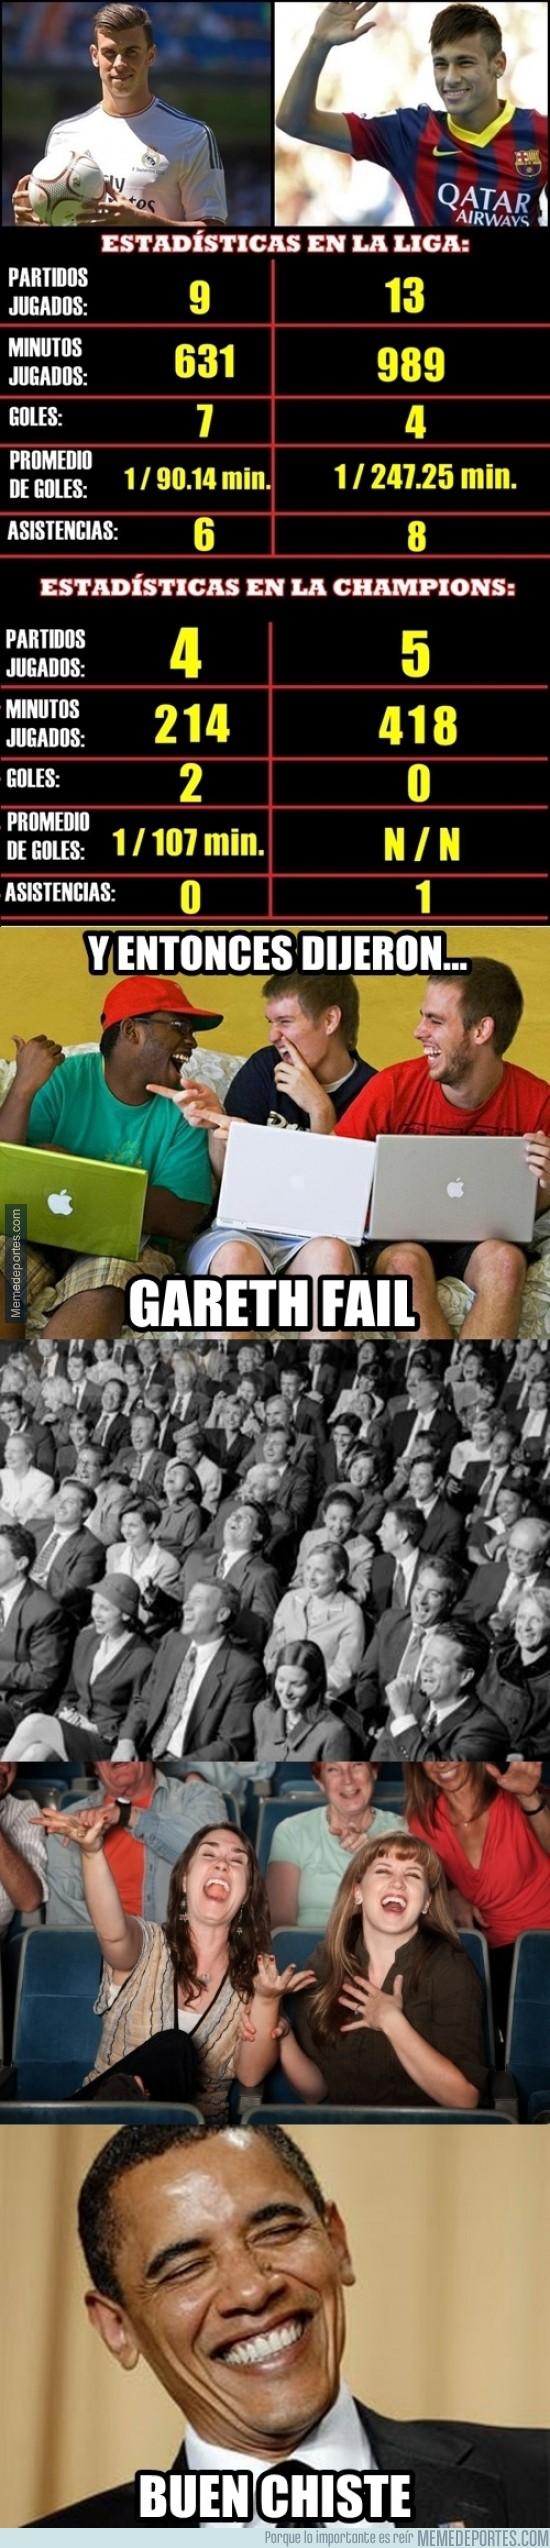 219745 - ¿Gareth Fail?